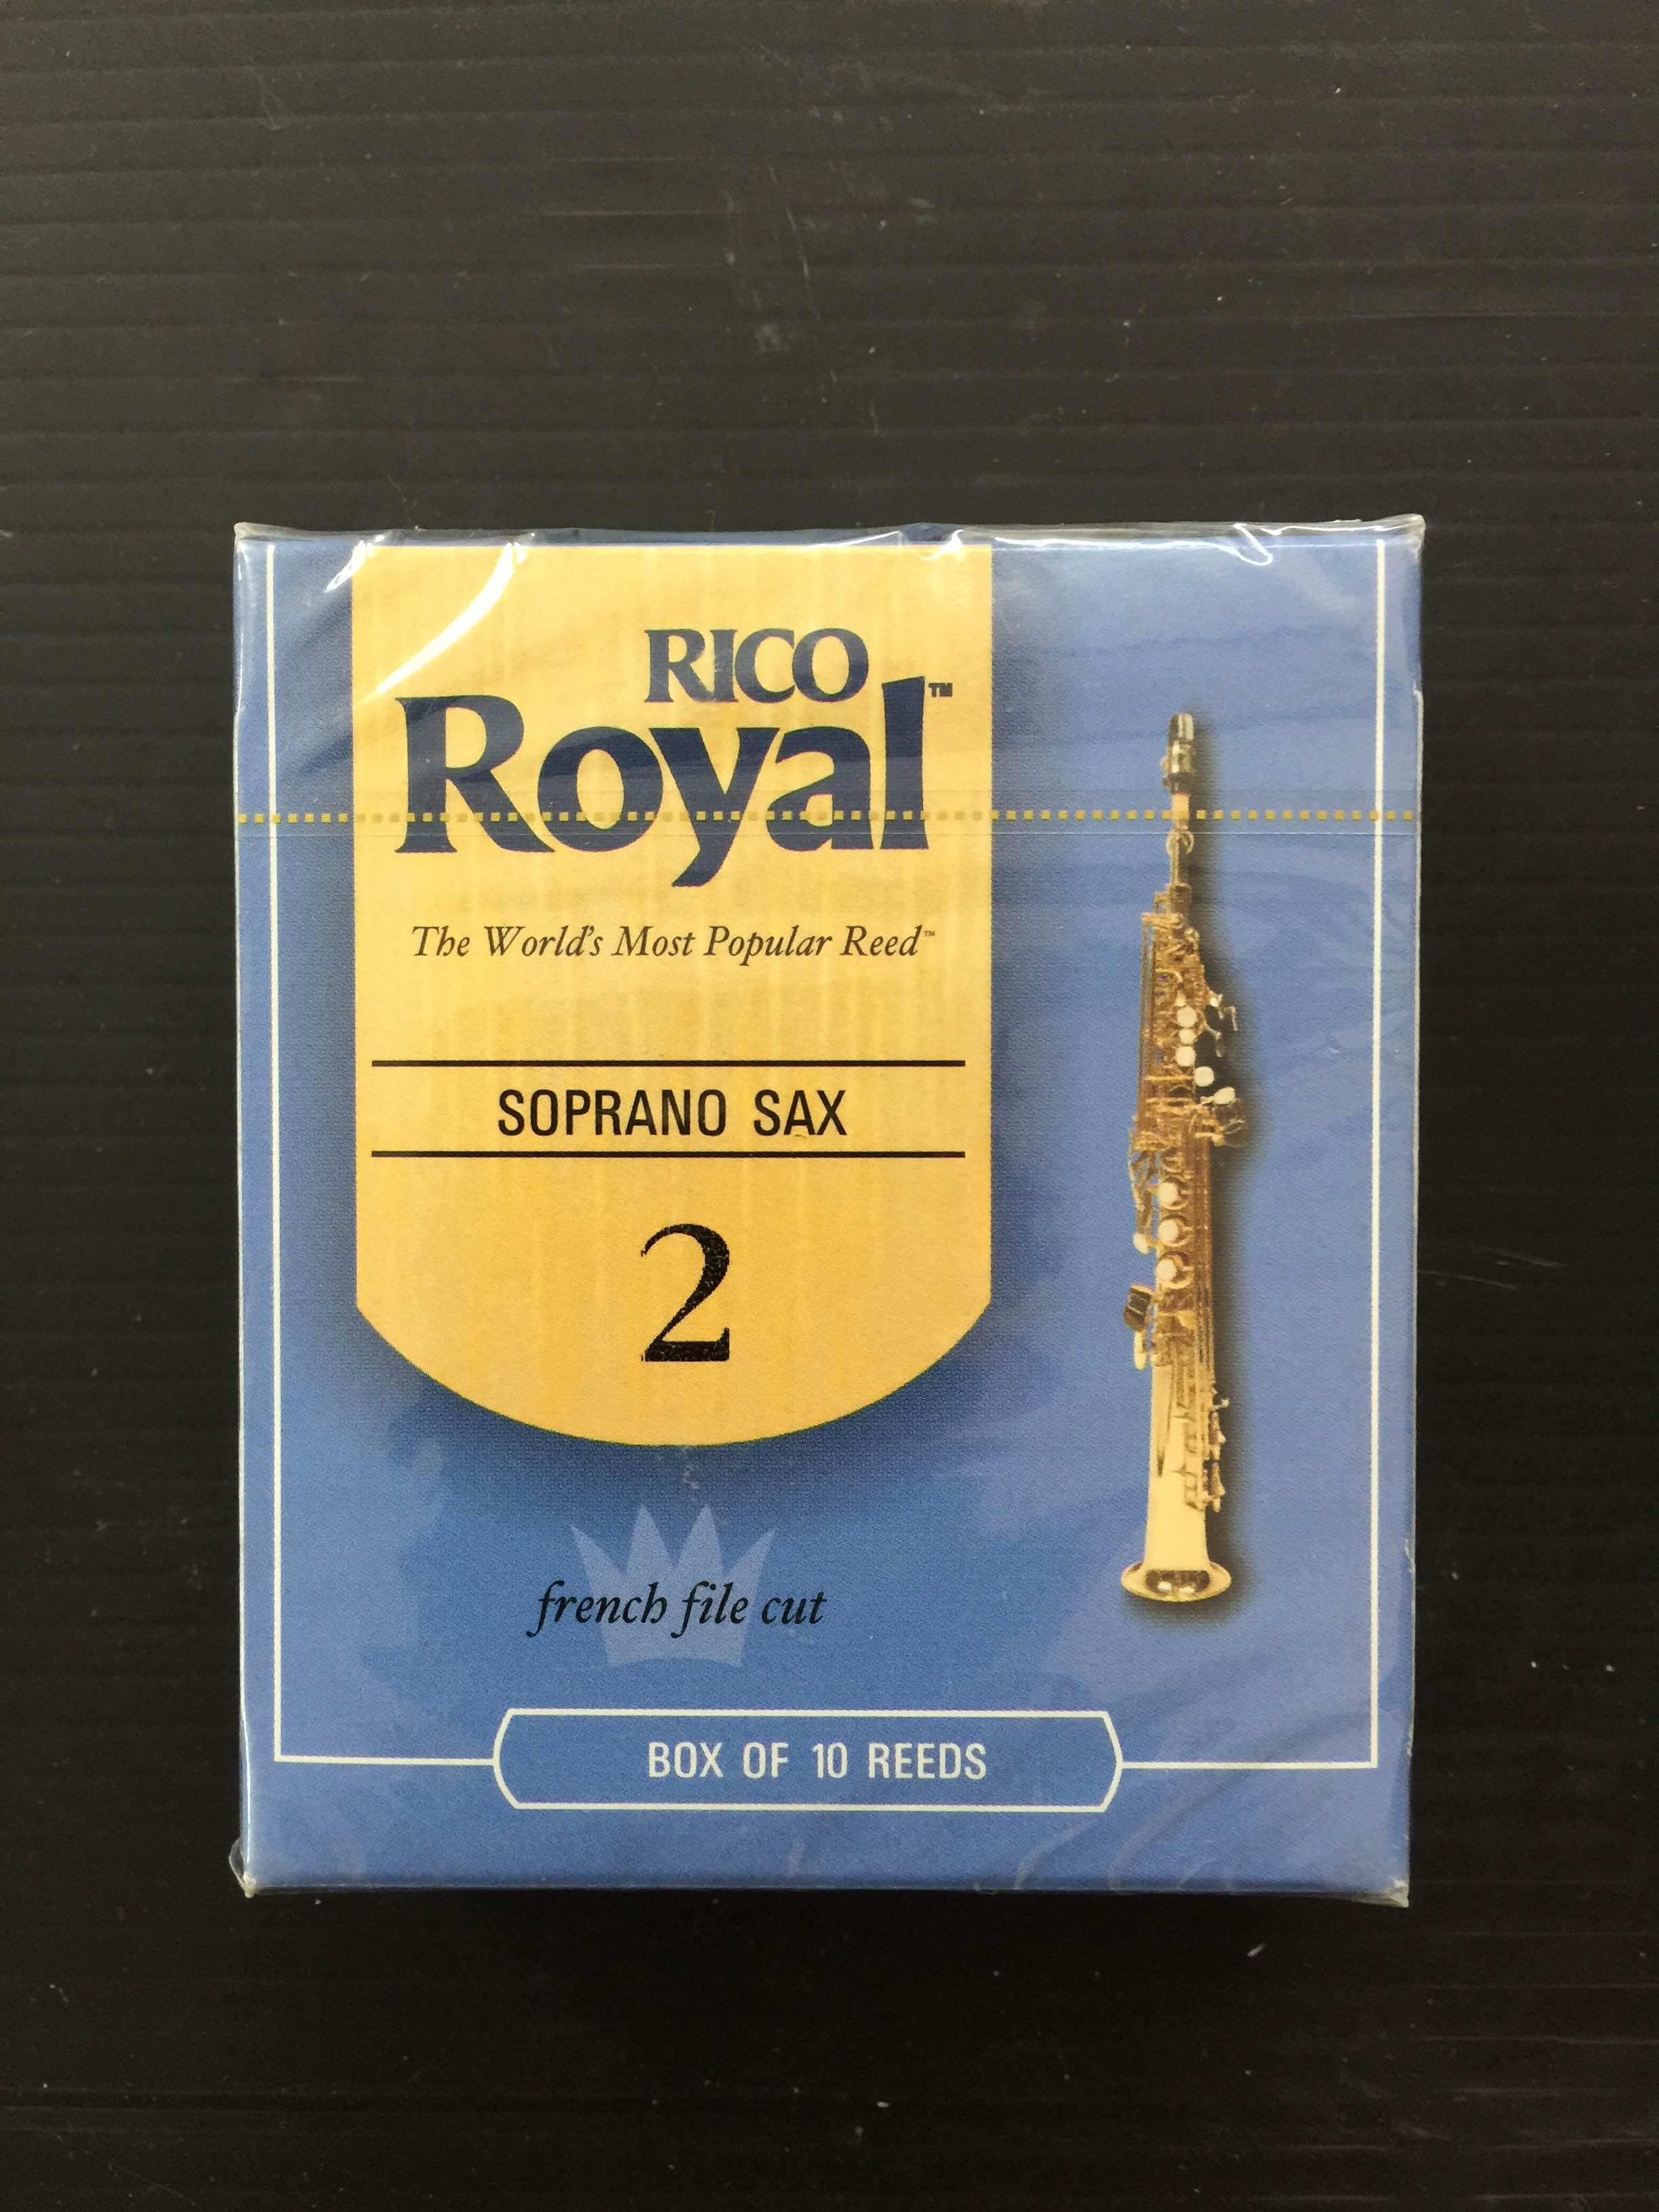 קופסה של 10 עלים RICO/RICO ROYAL סקסופון סופרן